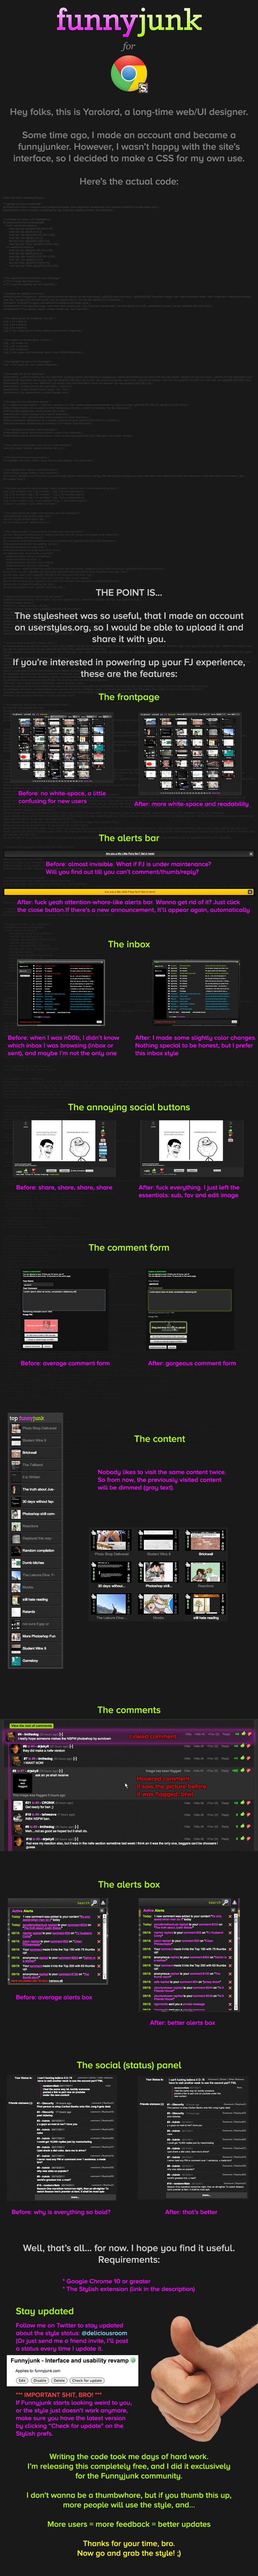 Funnyjunk for Chrome. D O W N L O A D : ----- Stylish - http://d.pr/Msoy Funnyjunk for Chrome - http://d.pr/rlnf Twitter - http://d.pr/EKmx · · · F A Q : -----  FUNNYJUNK Chrome stylish